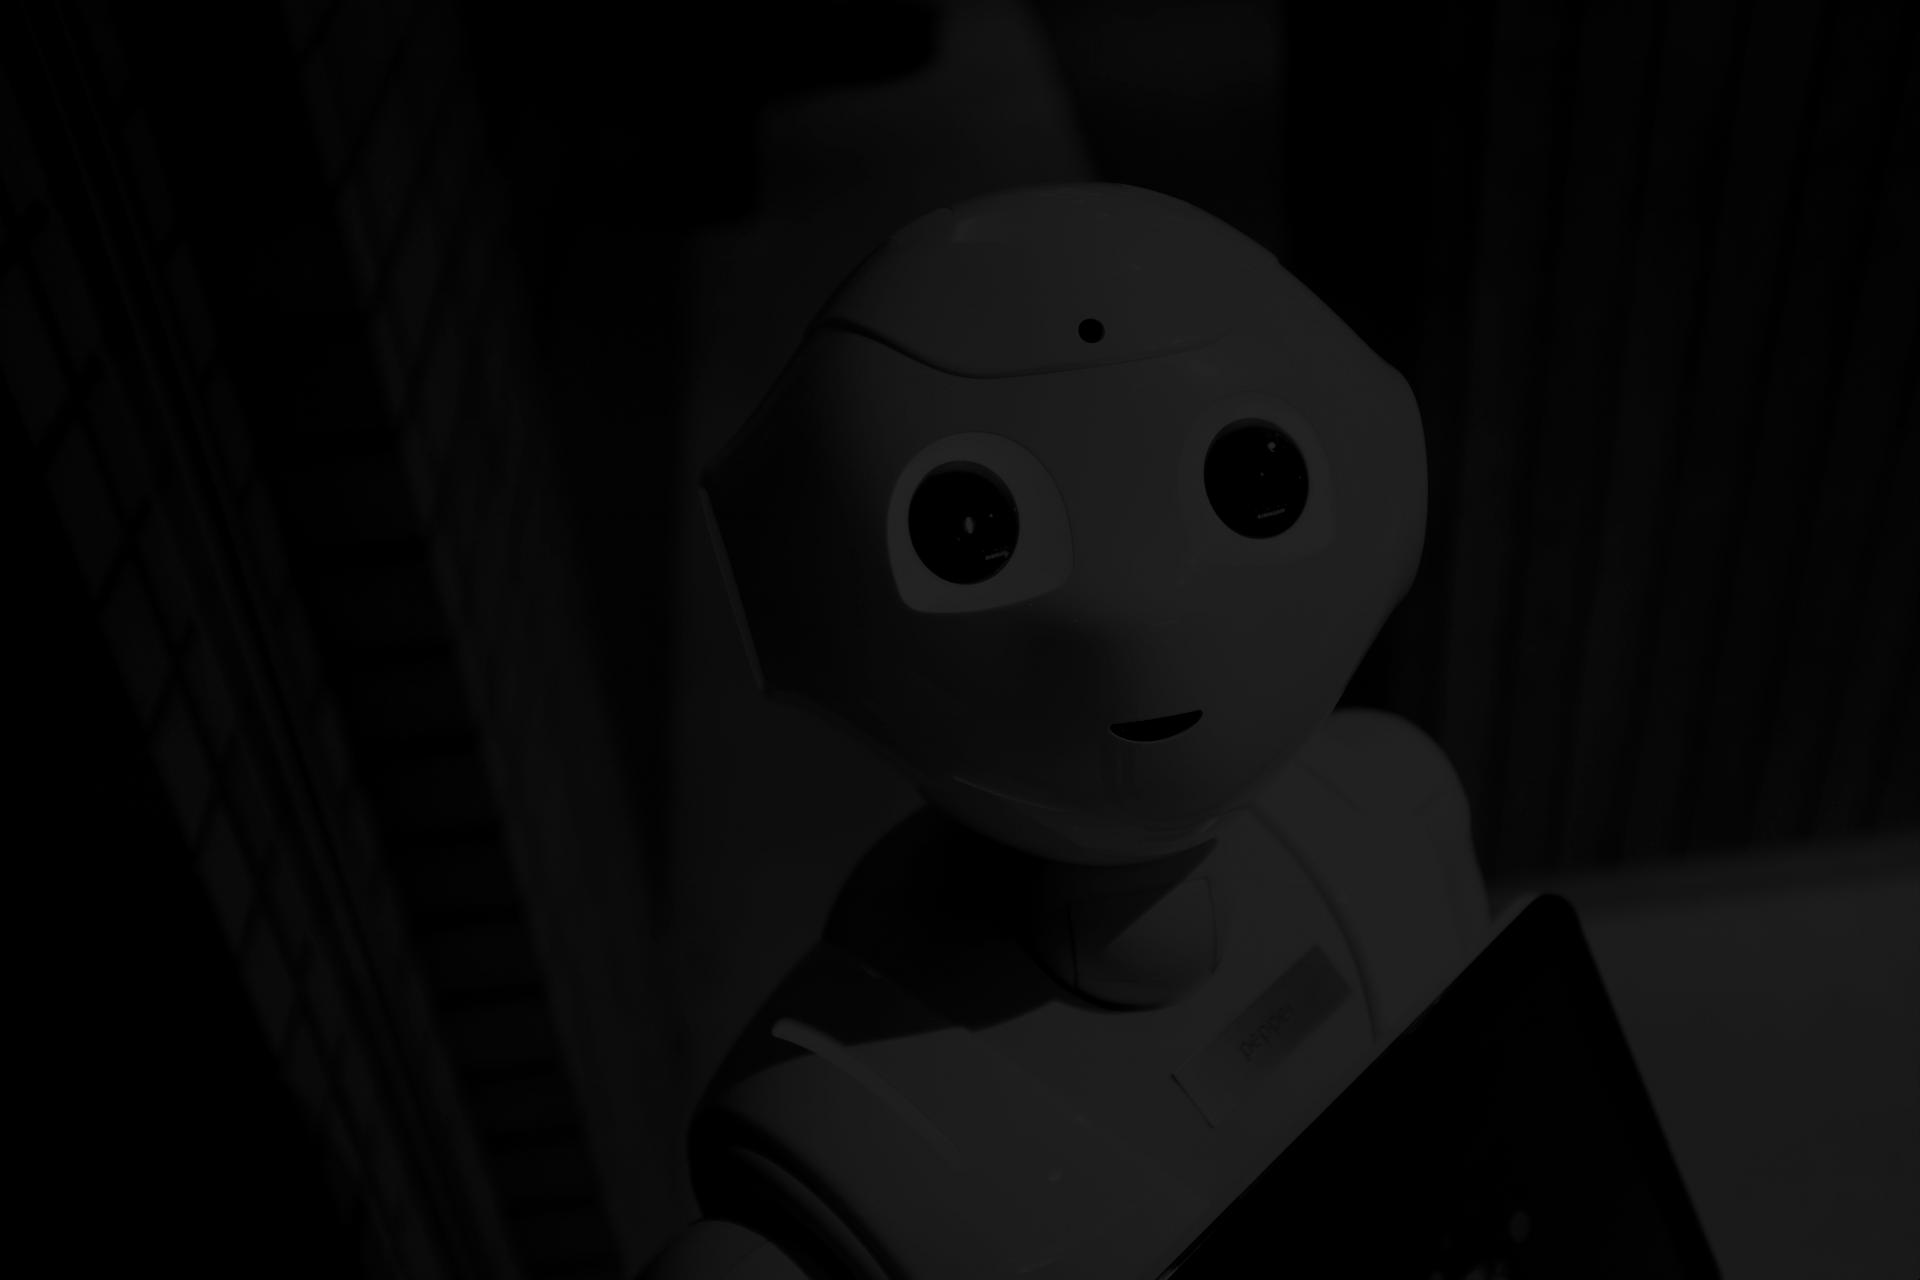 """""""Tenhle robot je pro starý!"""" Překonávání technologického ageismu"""